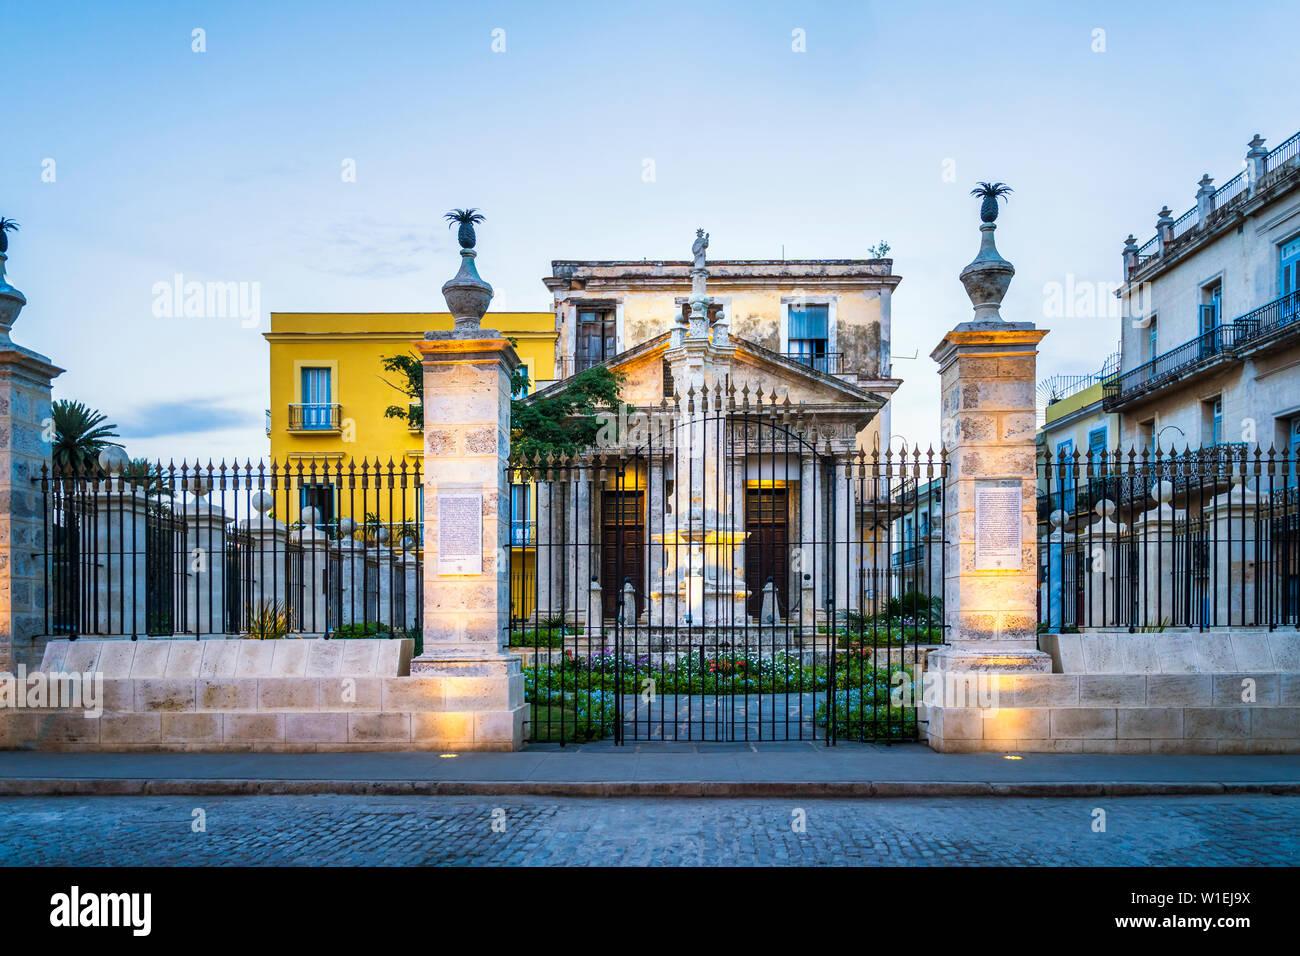 El Templete à La Habana Vieja, Site du patrimoine mondial de l'UNESCO, La Vieille Havane, La Havane, Cuba (La Havane), Antilles, Caraïbes, Amérique Centrale Banque D'Images